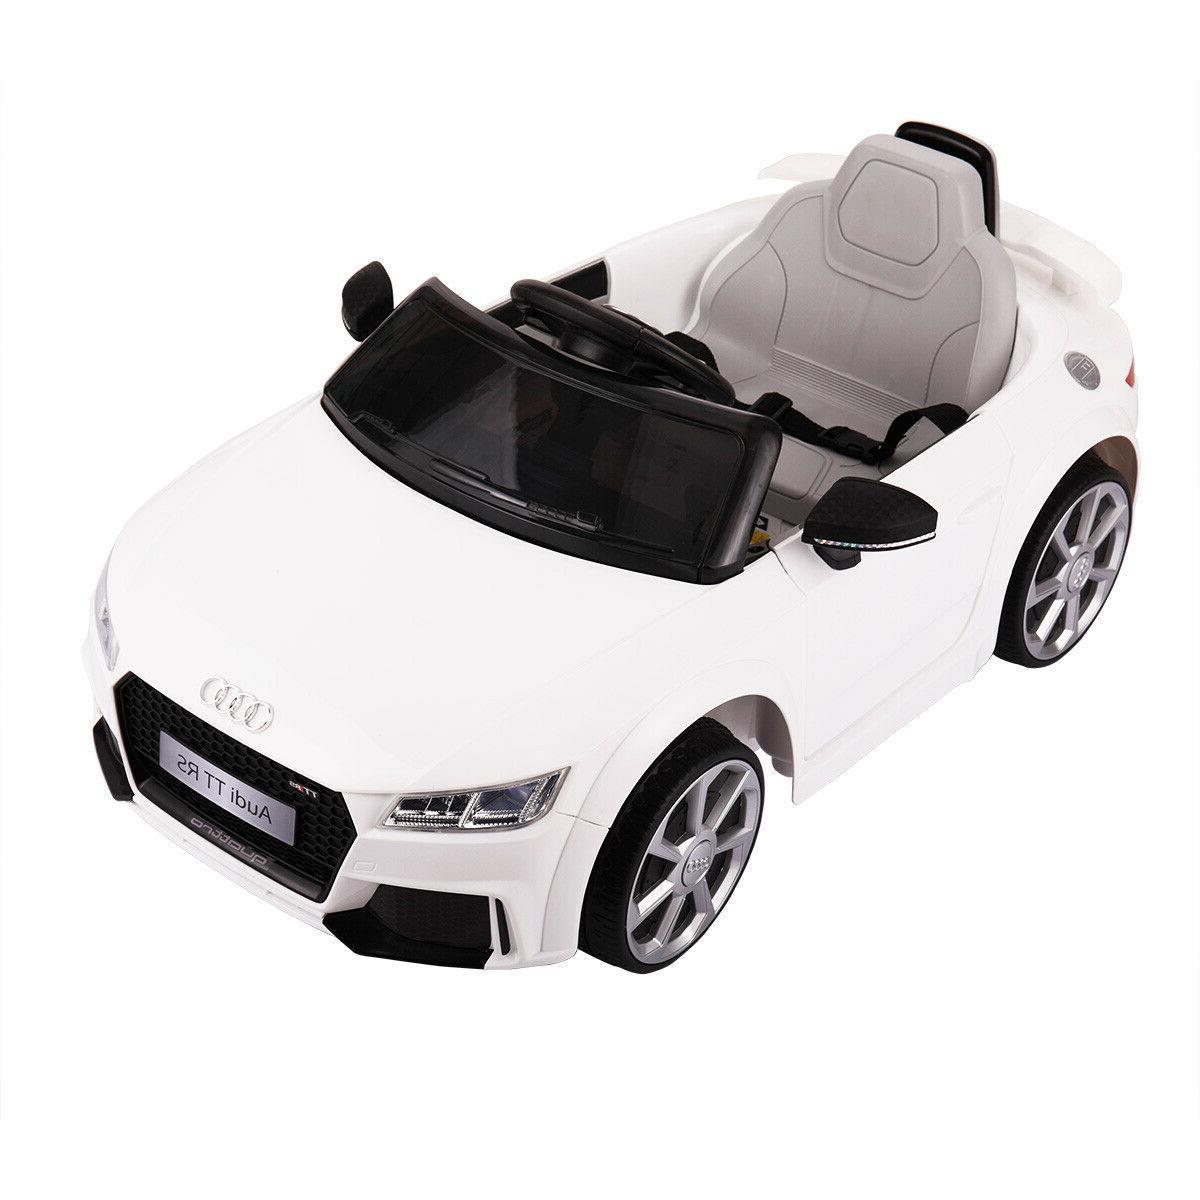 Audi RS Ride 12V Electric MP3 Remote Control